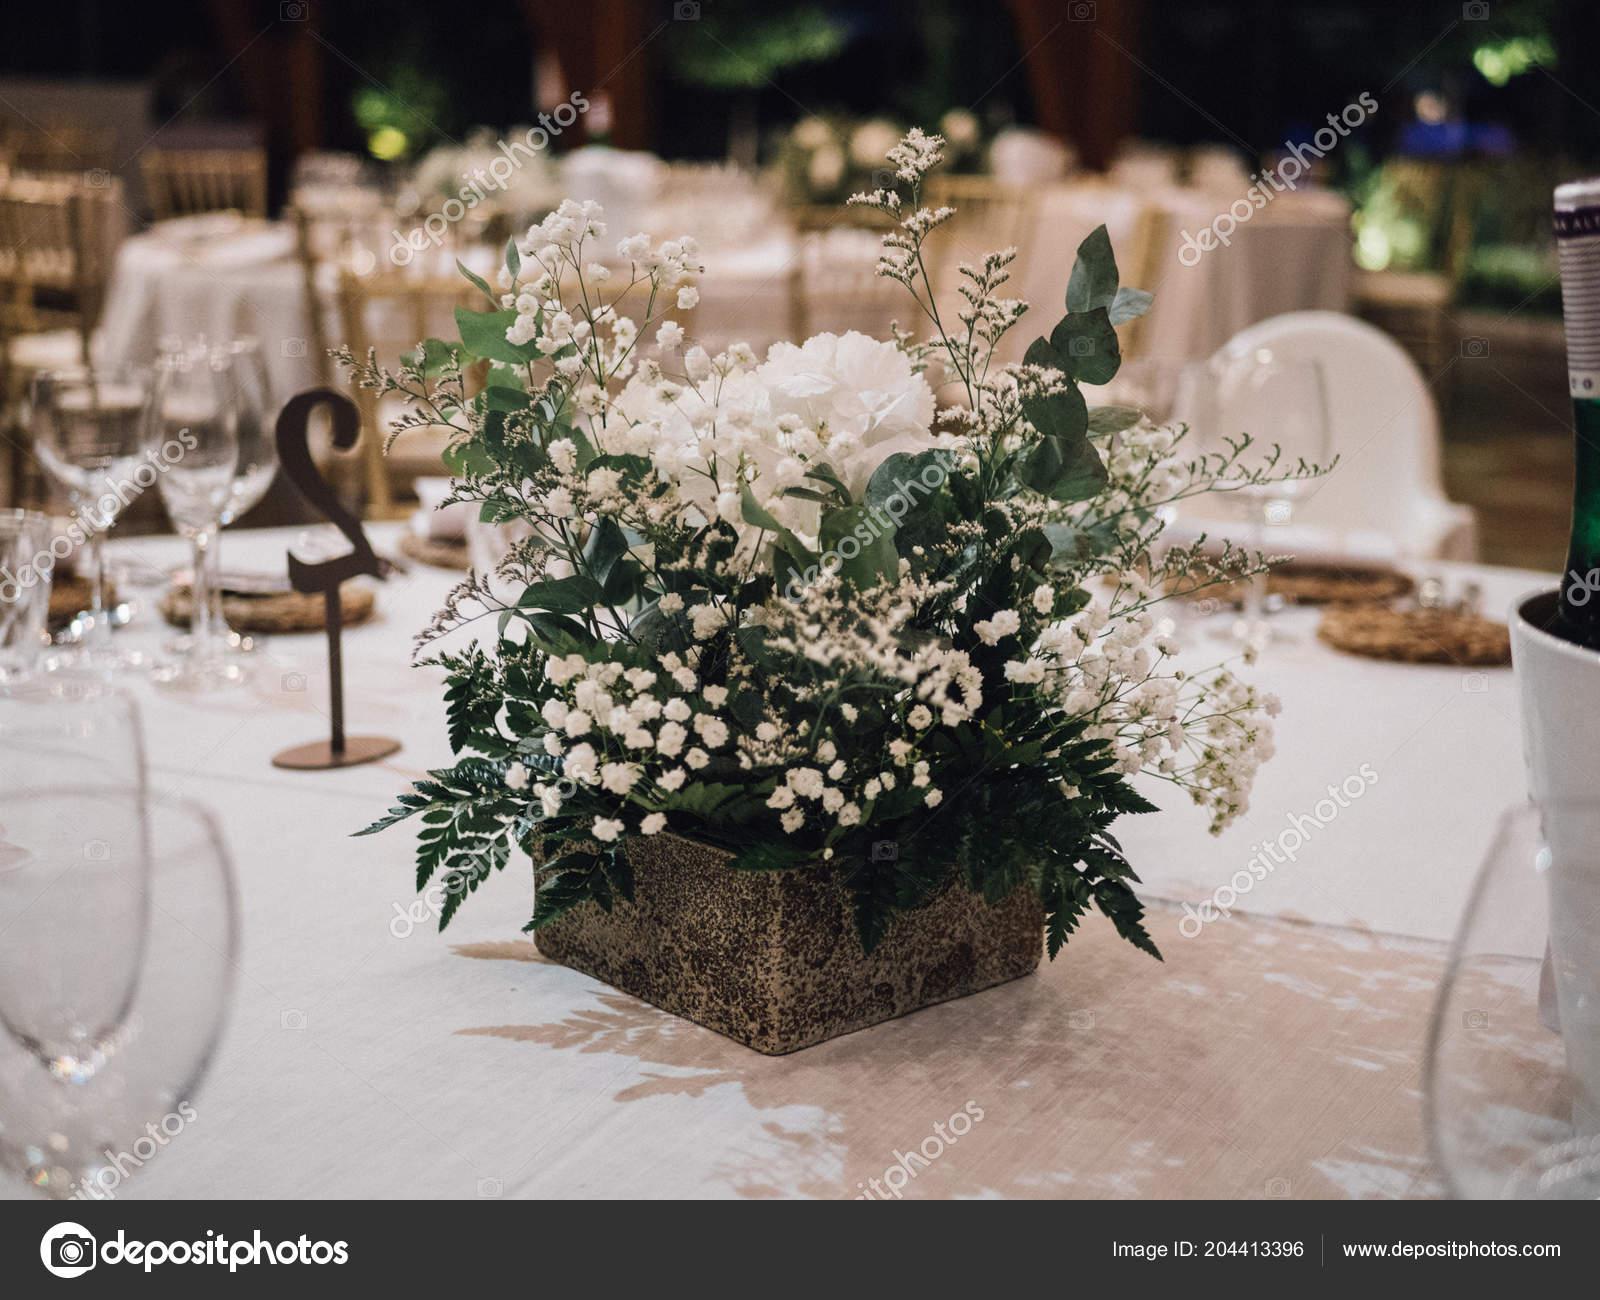 35da729728 Fehér Virágok Egy Esküvői Asztaldísz — Stock Fotó © ezeps #204413396